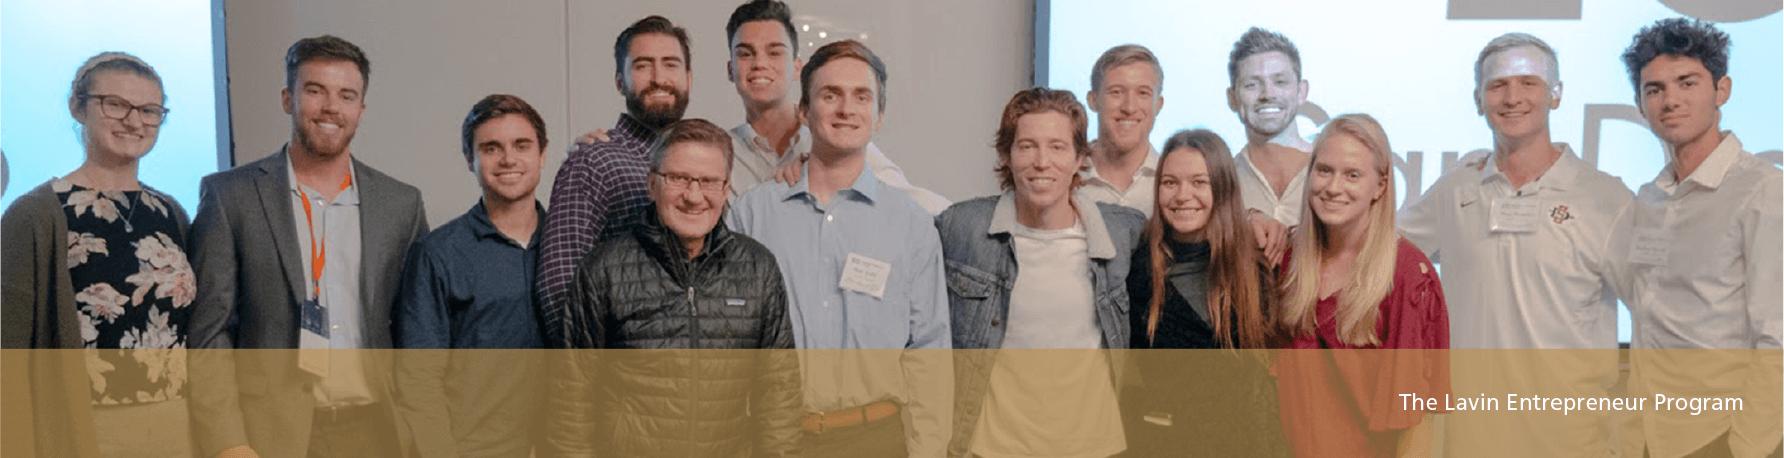 Lavin Entrepreneur Program